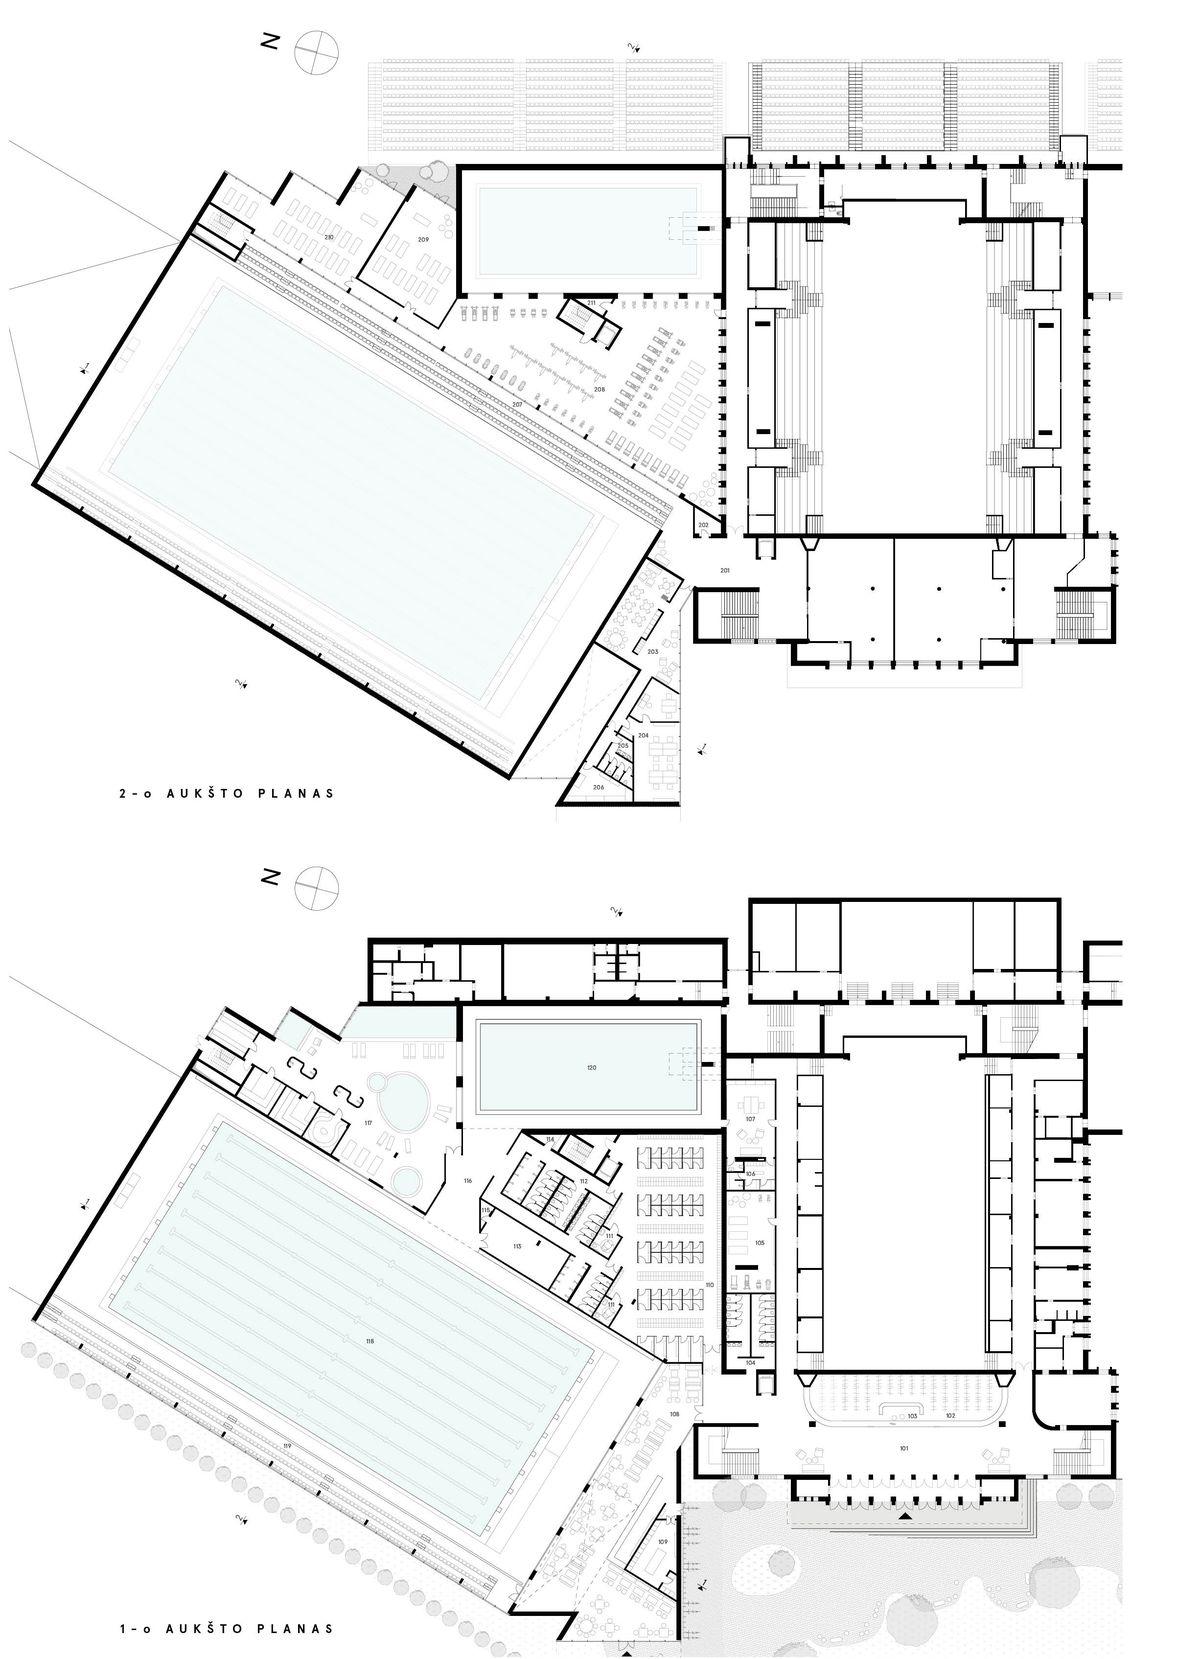 """Konkursinis projektas devizu """"D11"""", arch. P.Daugis ir P. Žakauskas (""""Studija Heima""""), 1-ji vieta, 5.000 eur. premija"""